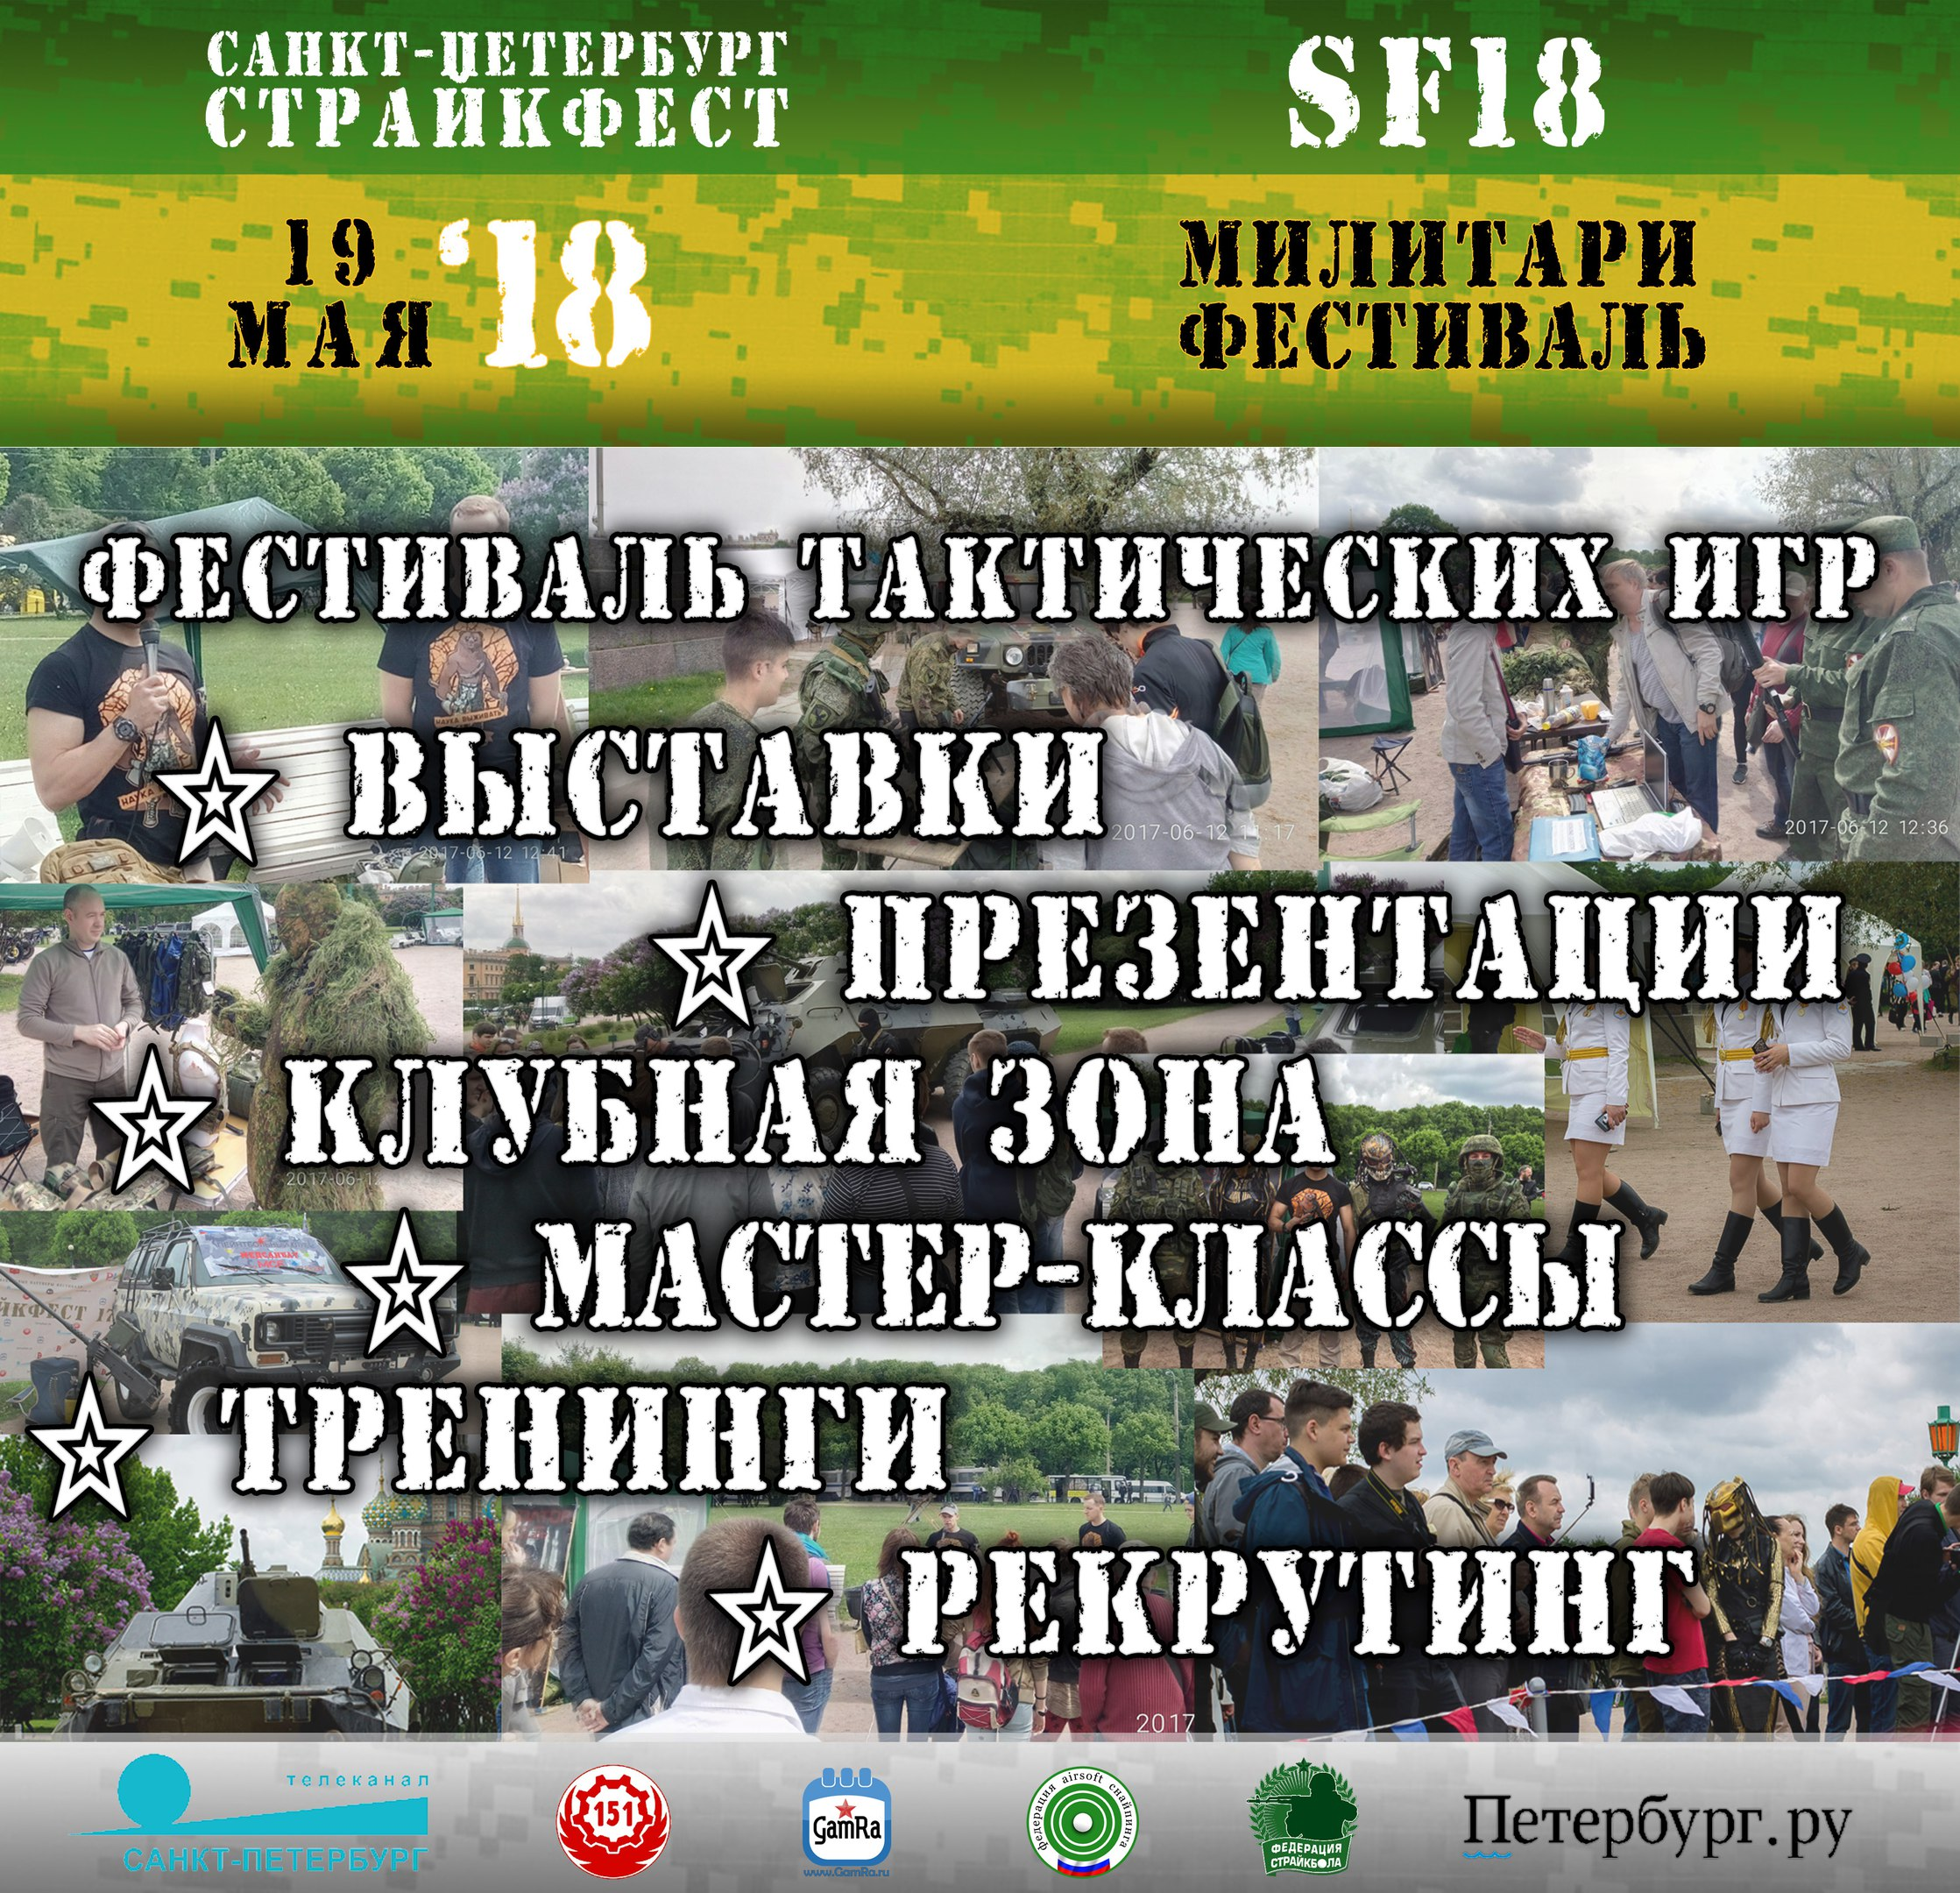 Фестиваль военно-тактических игр СТРАЙКФЕСТ 18, Санкт-Петерубрг